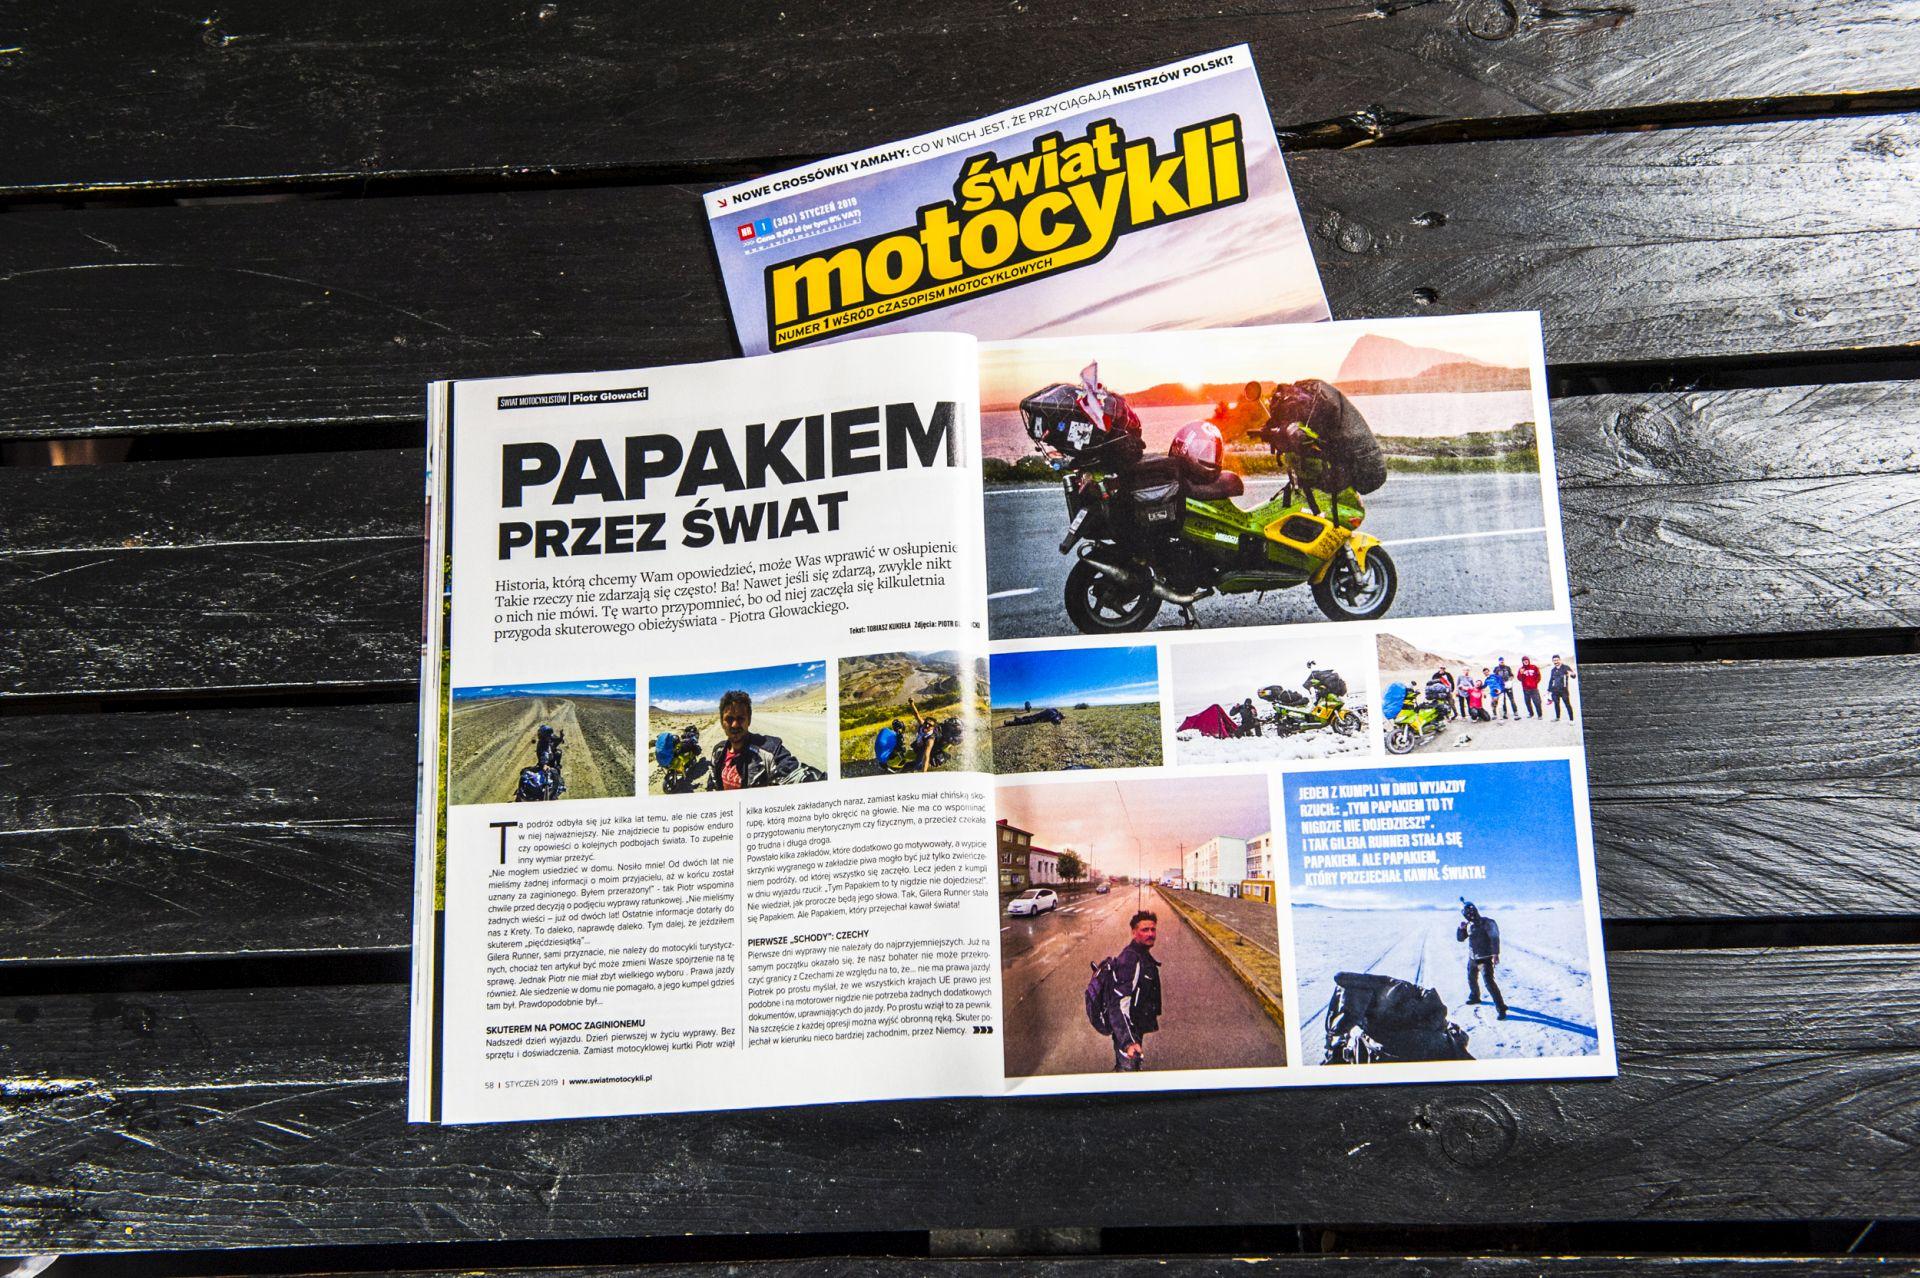 Świat Motocyklistów - Piotr Głowacki